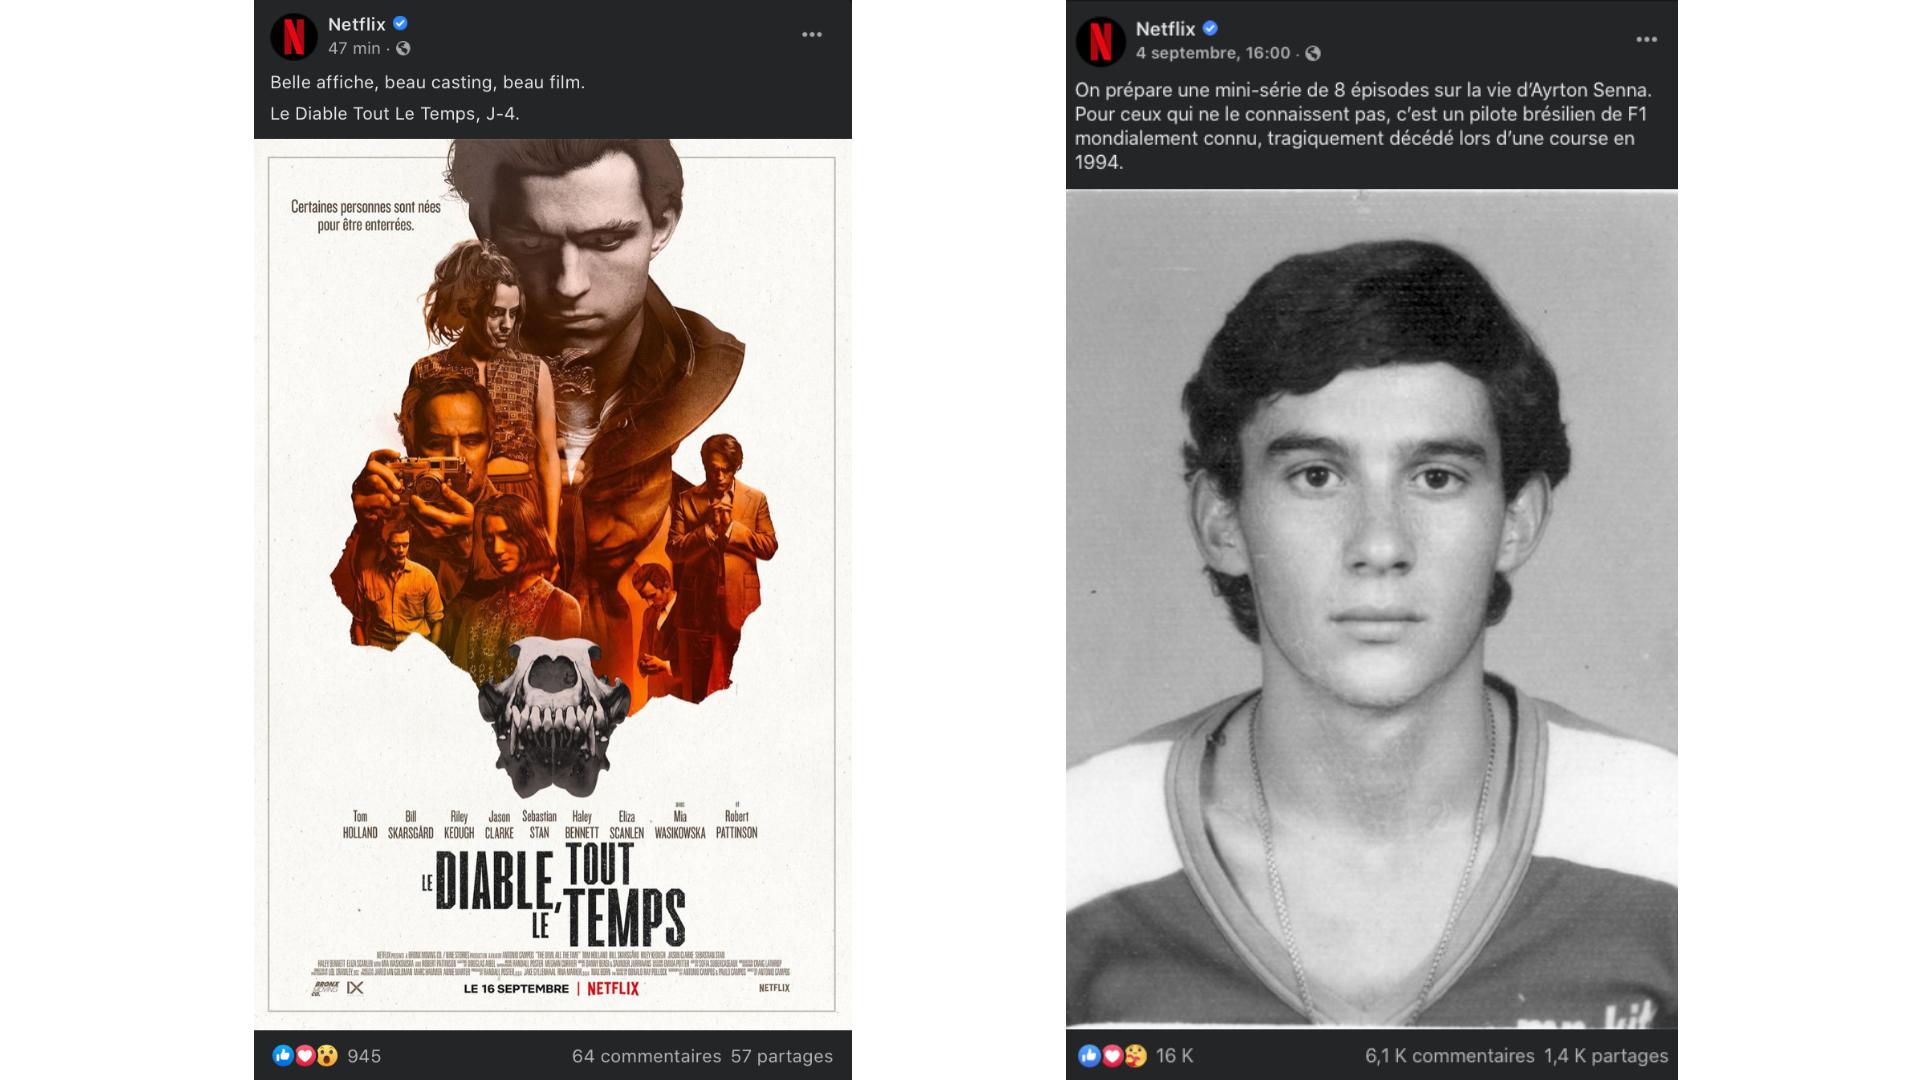 captures d'écran Facebook Netflix